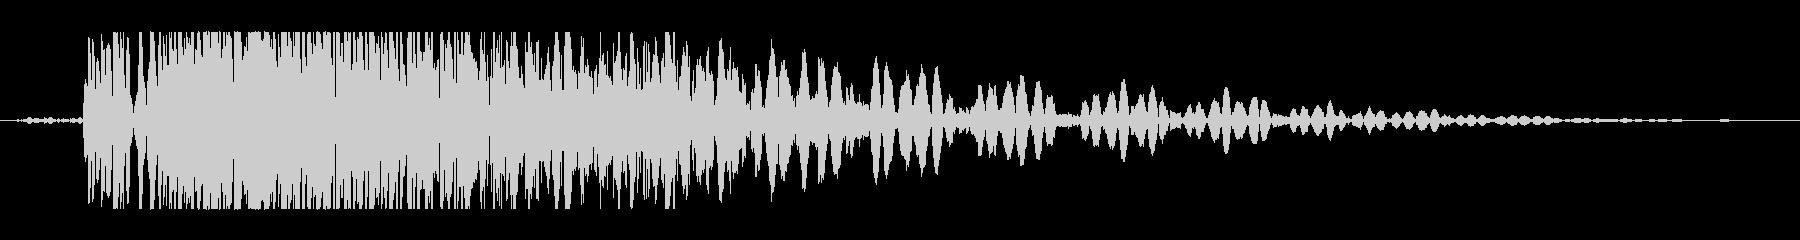 ドアブレイク;ガタガタとガタガタ音...の未再生の波形